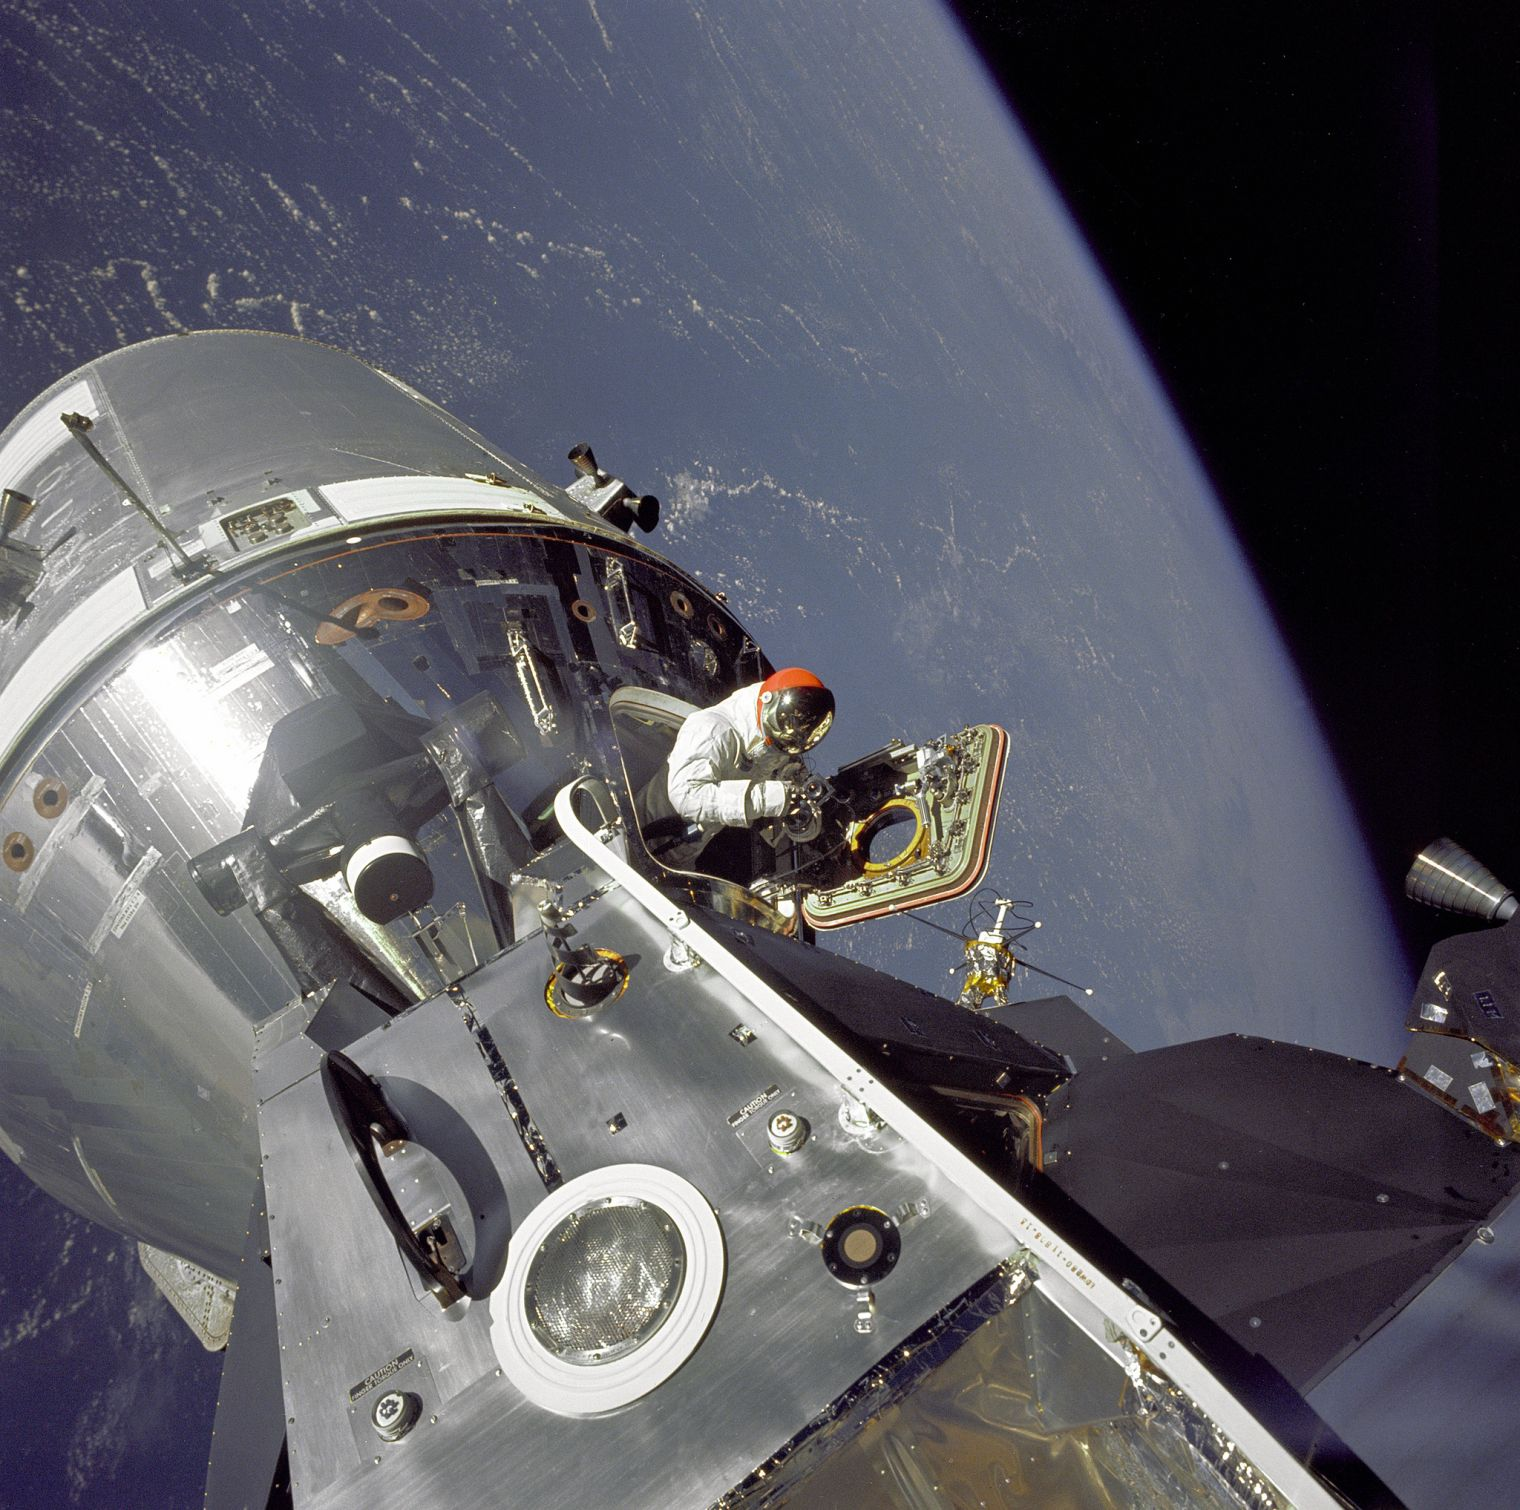 9457387671_8bc5a63e32_k----NASA-Apollo 9-space walk-space-travel-moon-star-rocket